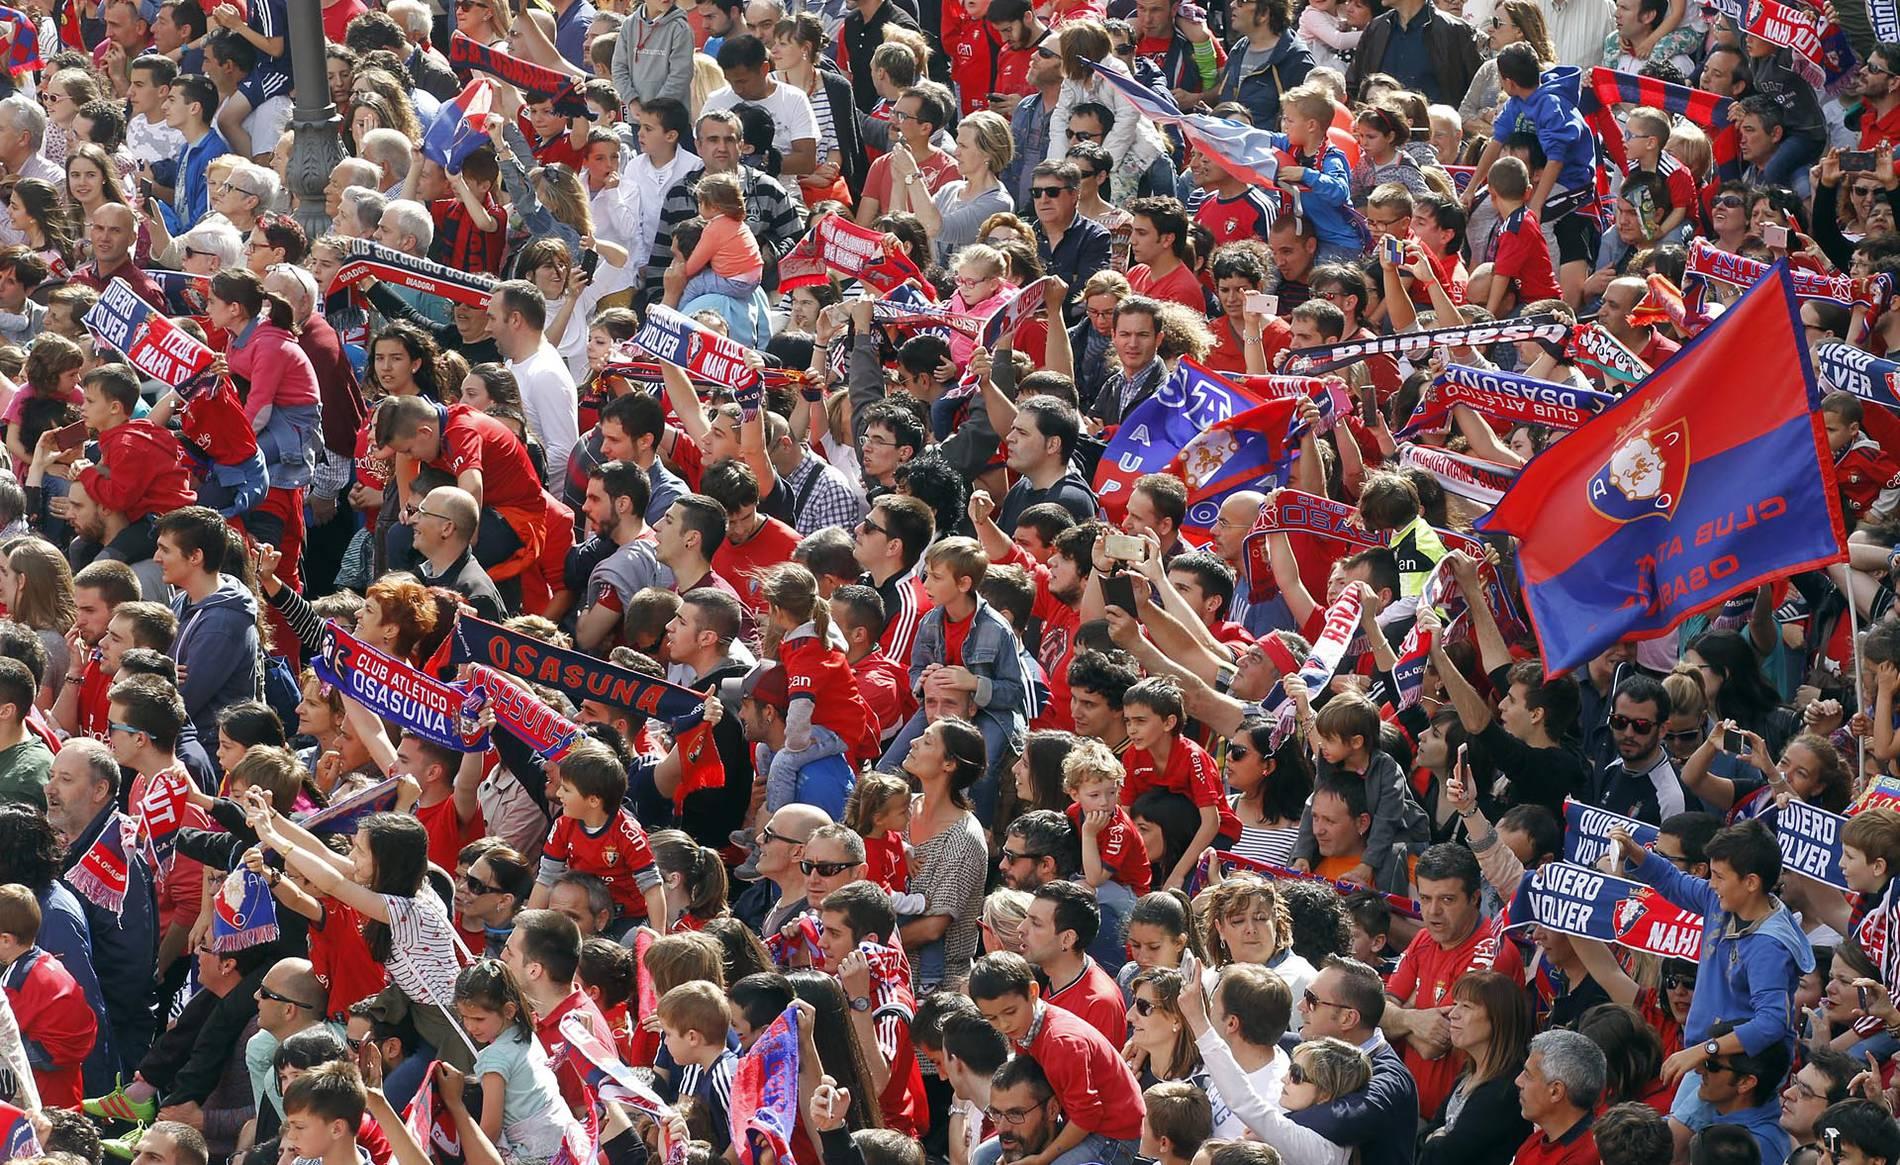 Recepción a Osasuna en el Palacio de Navarra (1/125) - Las autoridades recibieron al club rojillo tras el ascenso a Primera División - Osasuna -